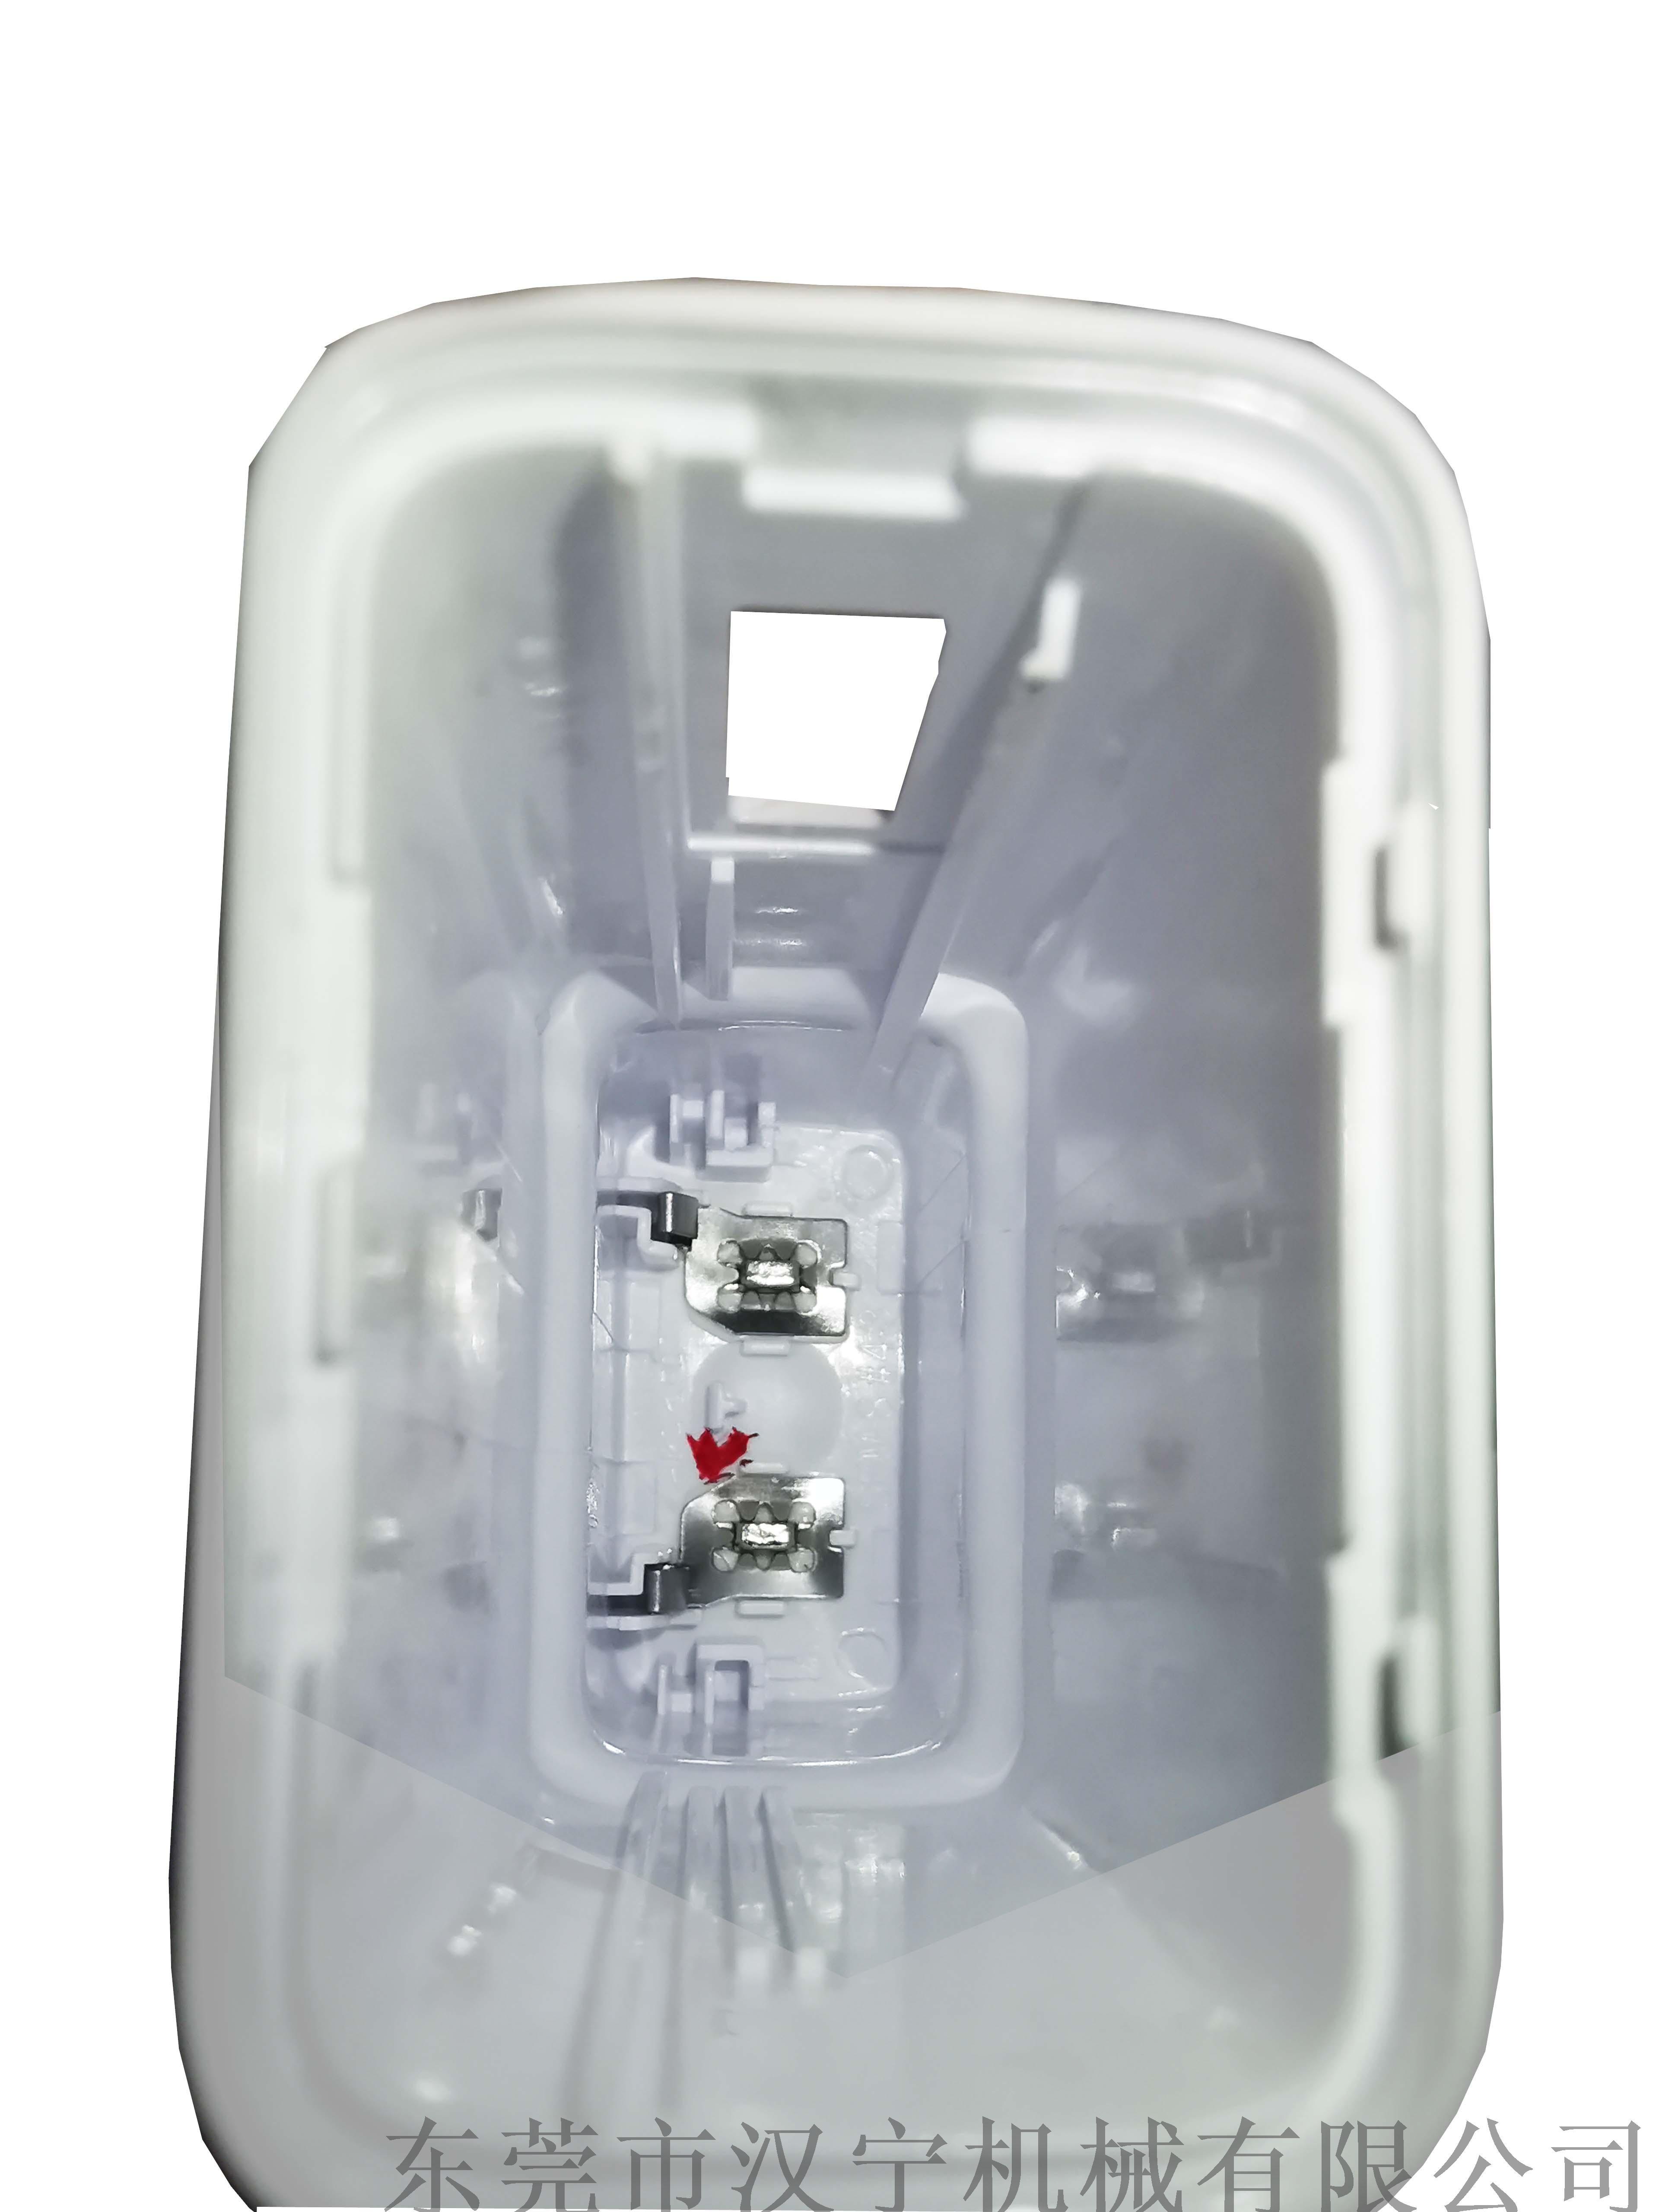 彈片自動組裝機全自動視覺檢測彈片組裝機850676645